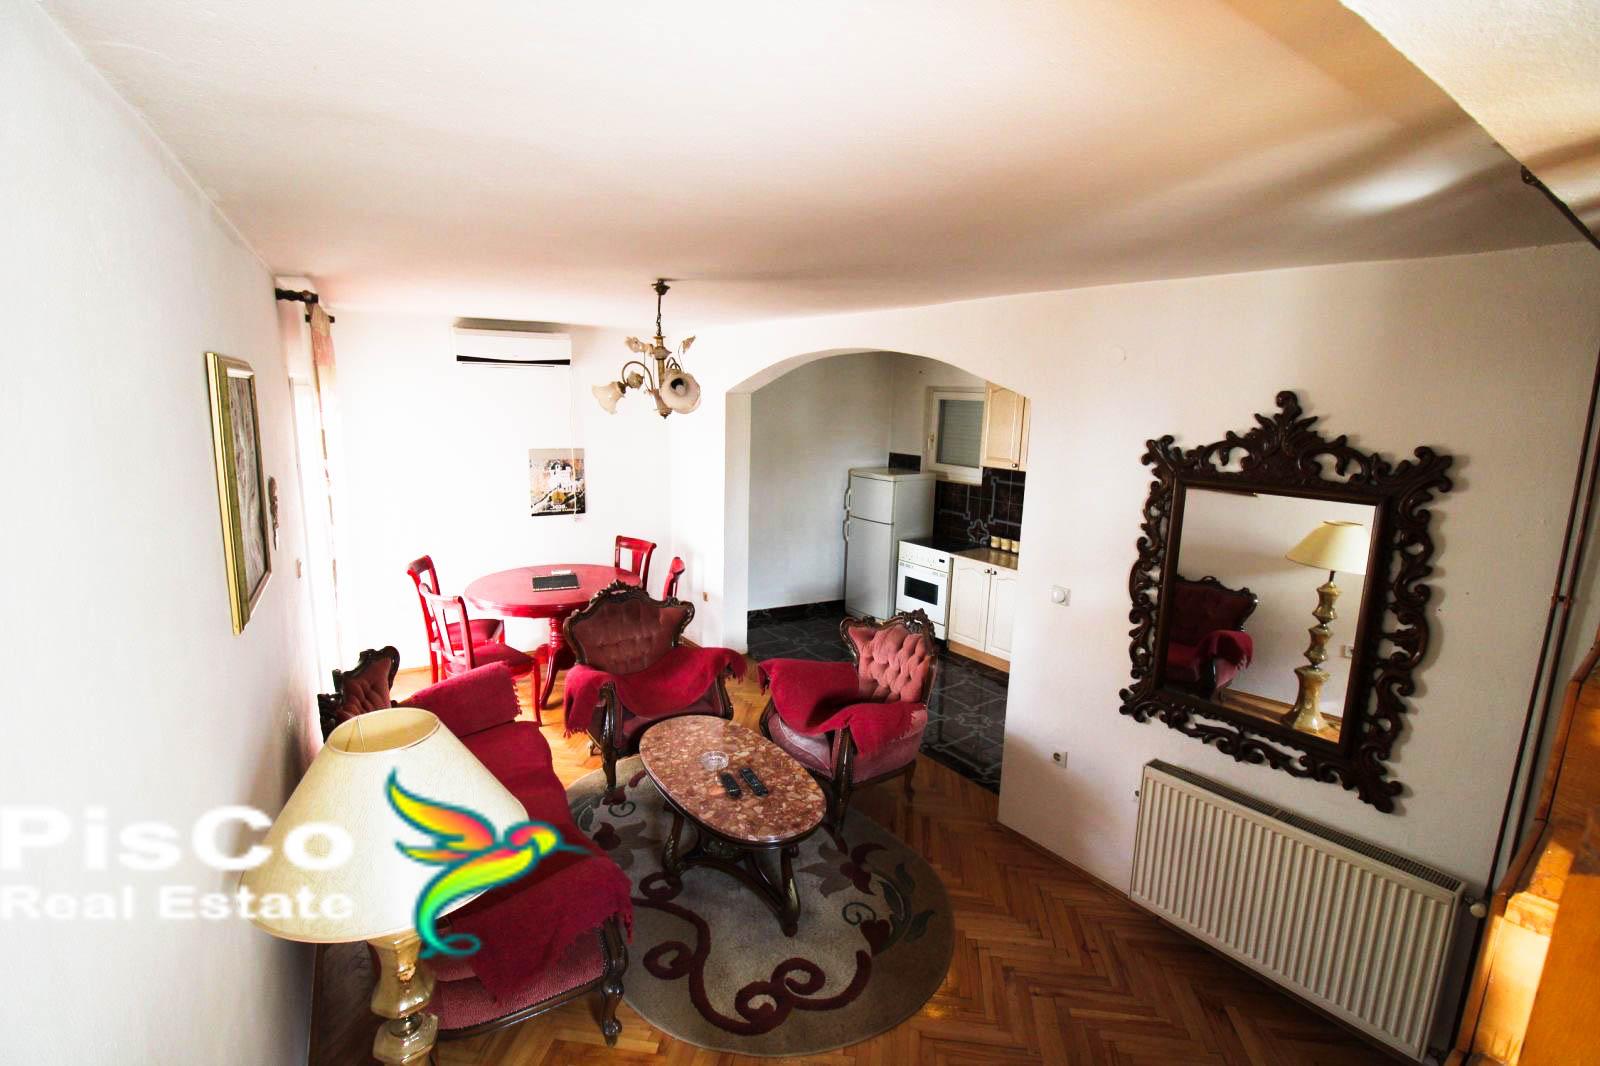 Izdaje se lijepa kuća u Gorici C 80m2